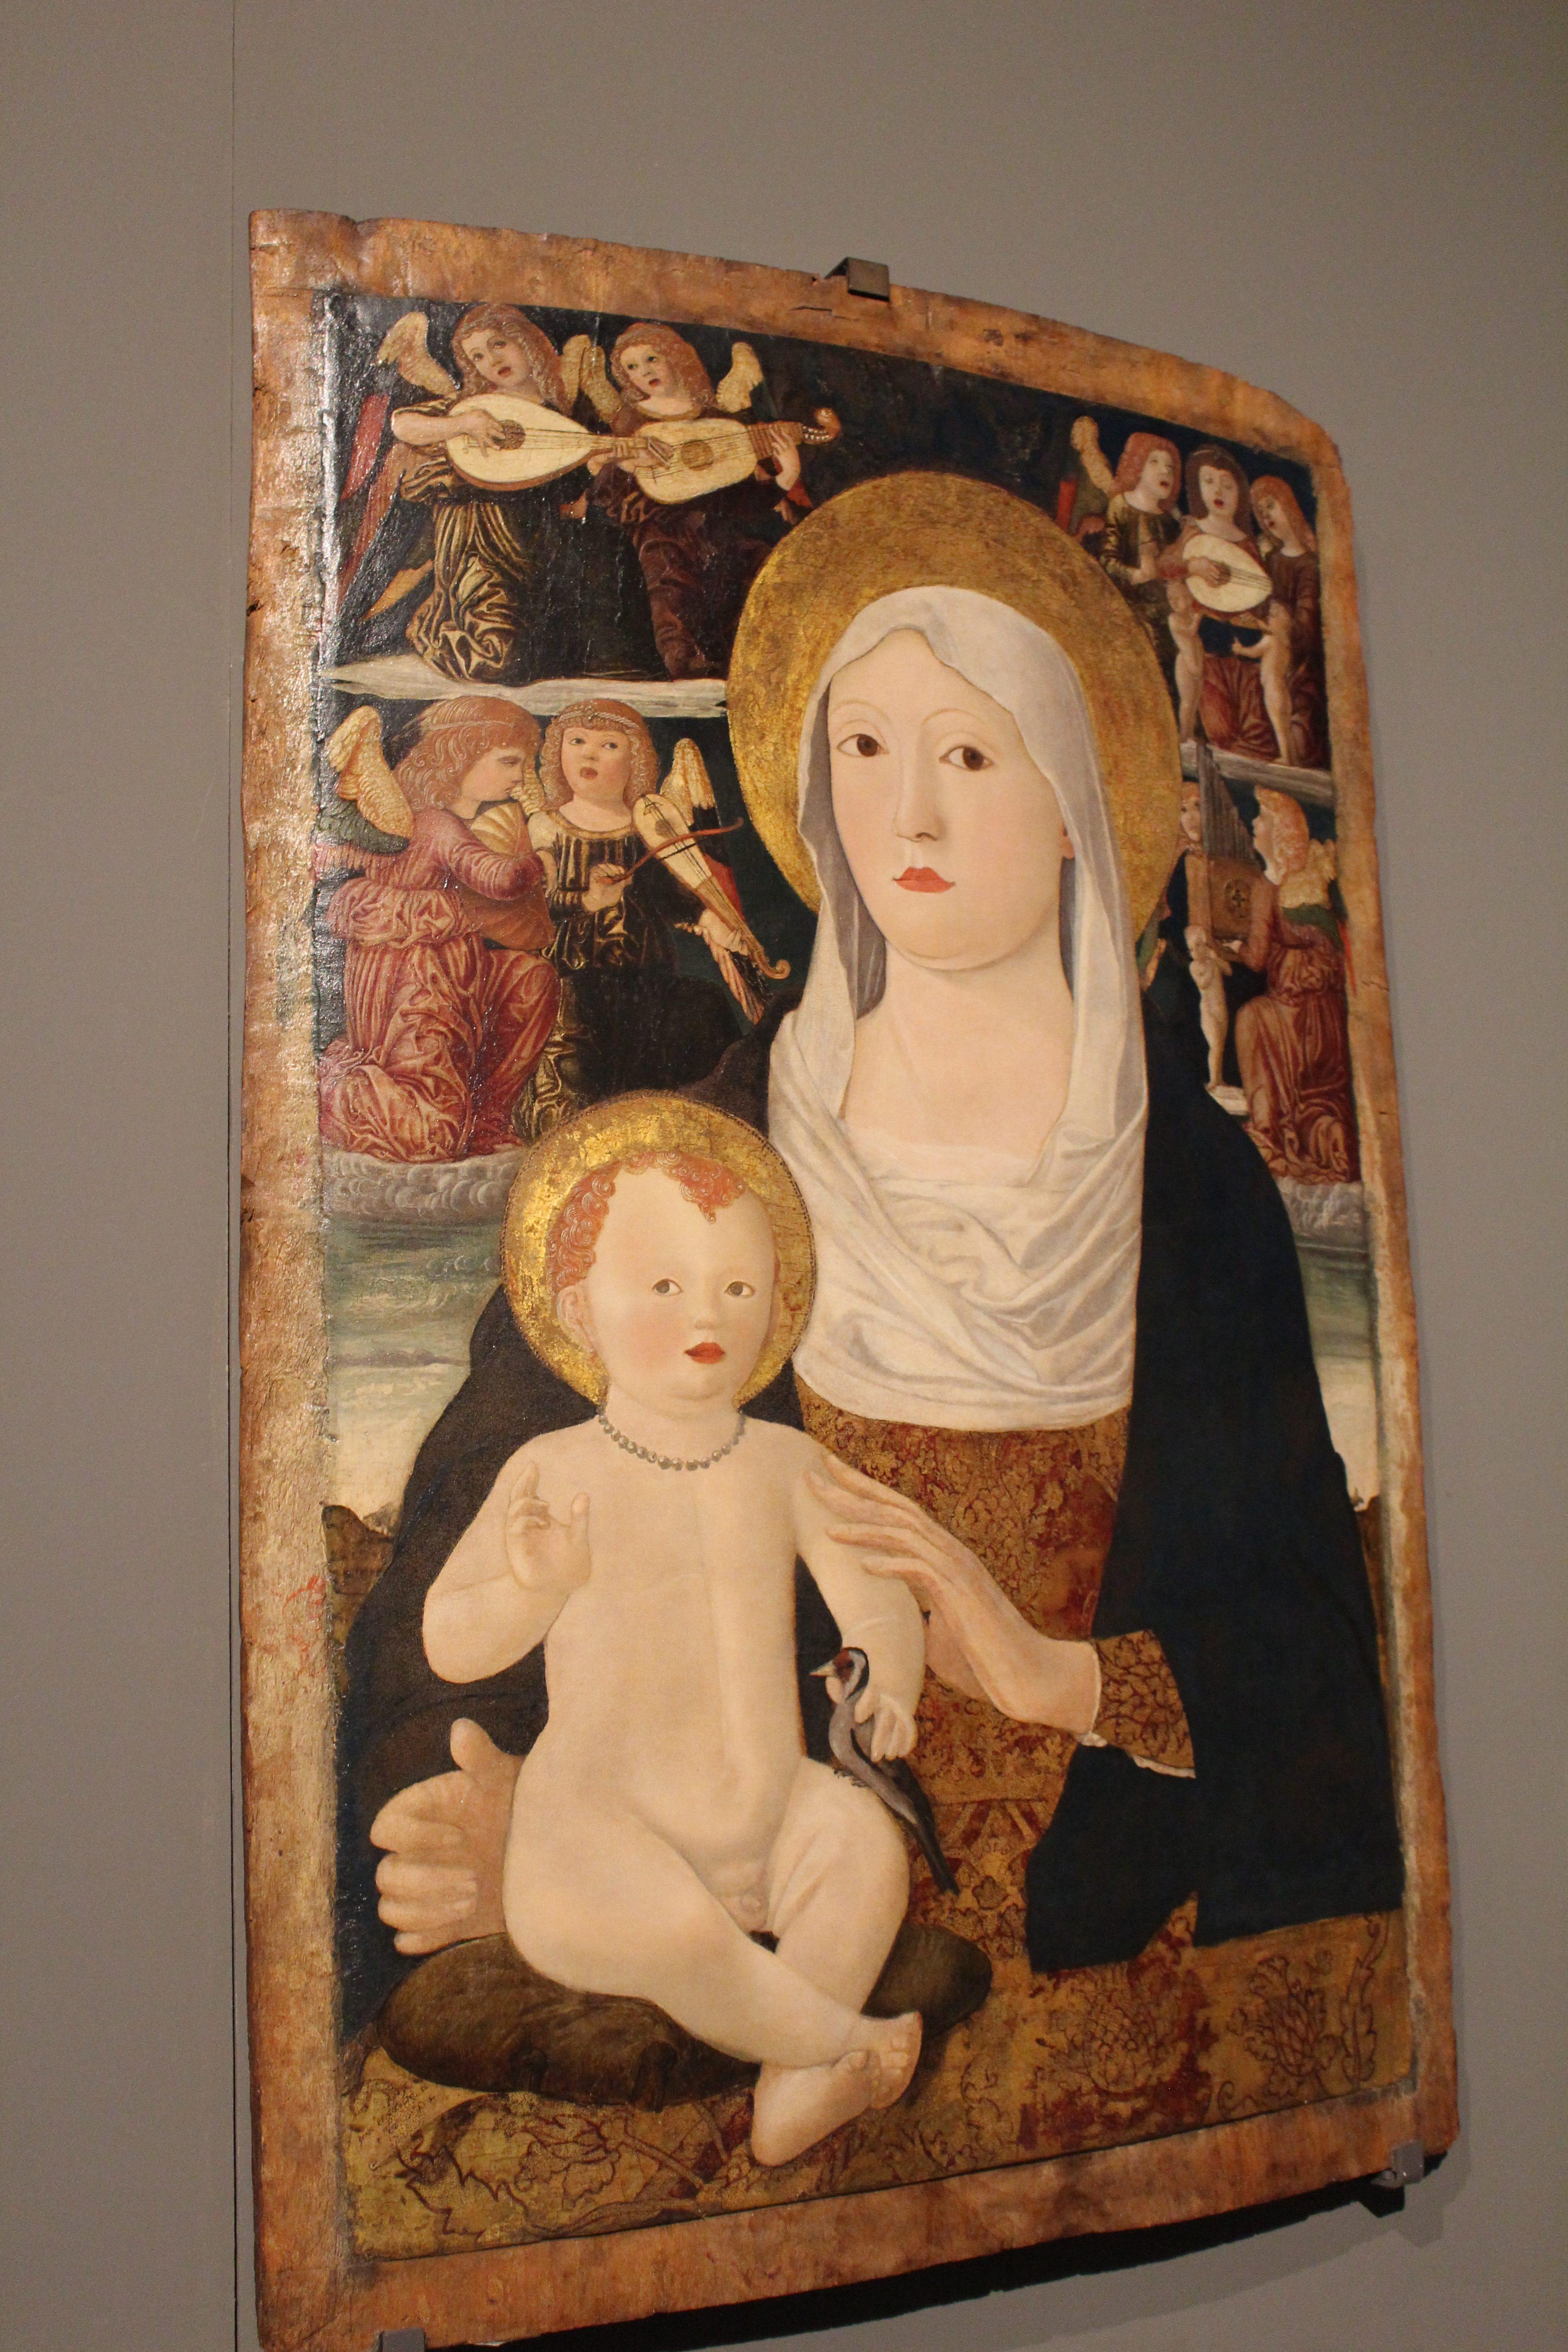 photo 9) Francesco da Tolmezzo: Madonna and Child with Angel Musicians, tempera on board 1490-1510